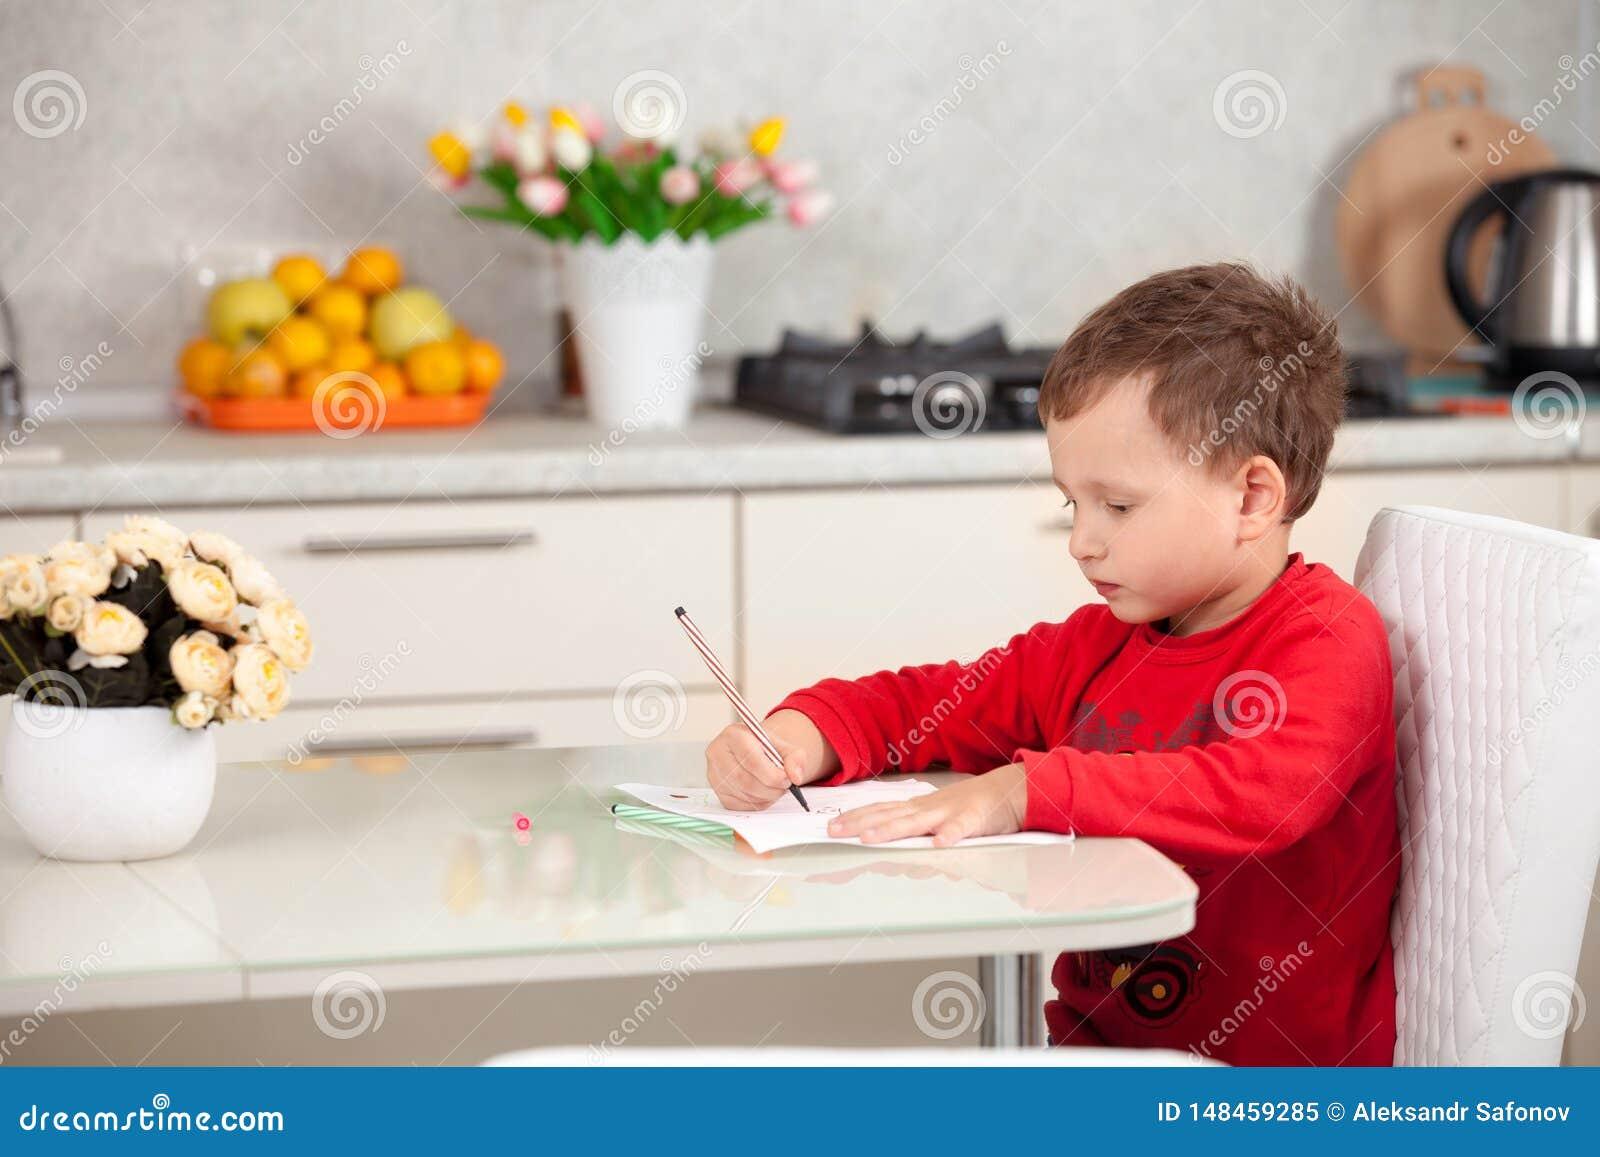 Ispirato dal ragazzo disegna un immagine sulla carta alla tavola